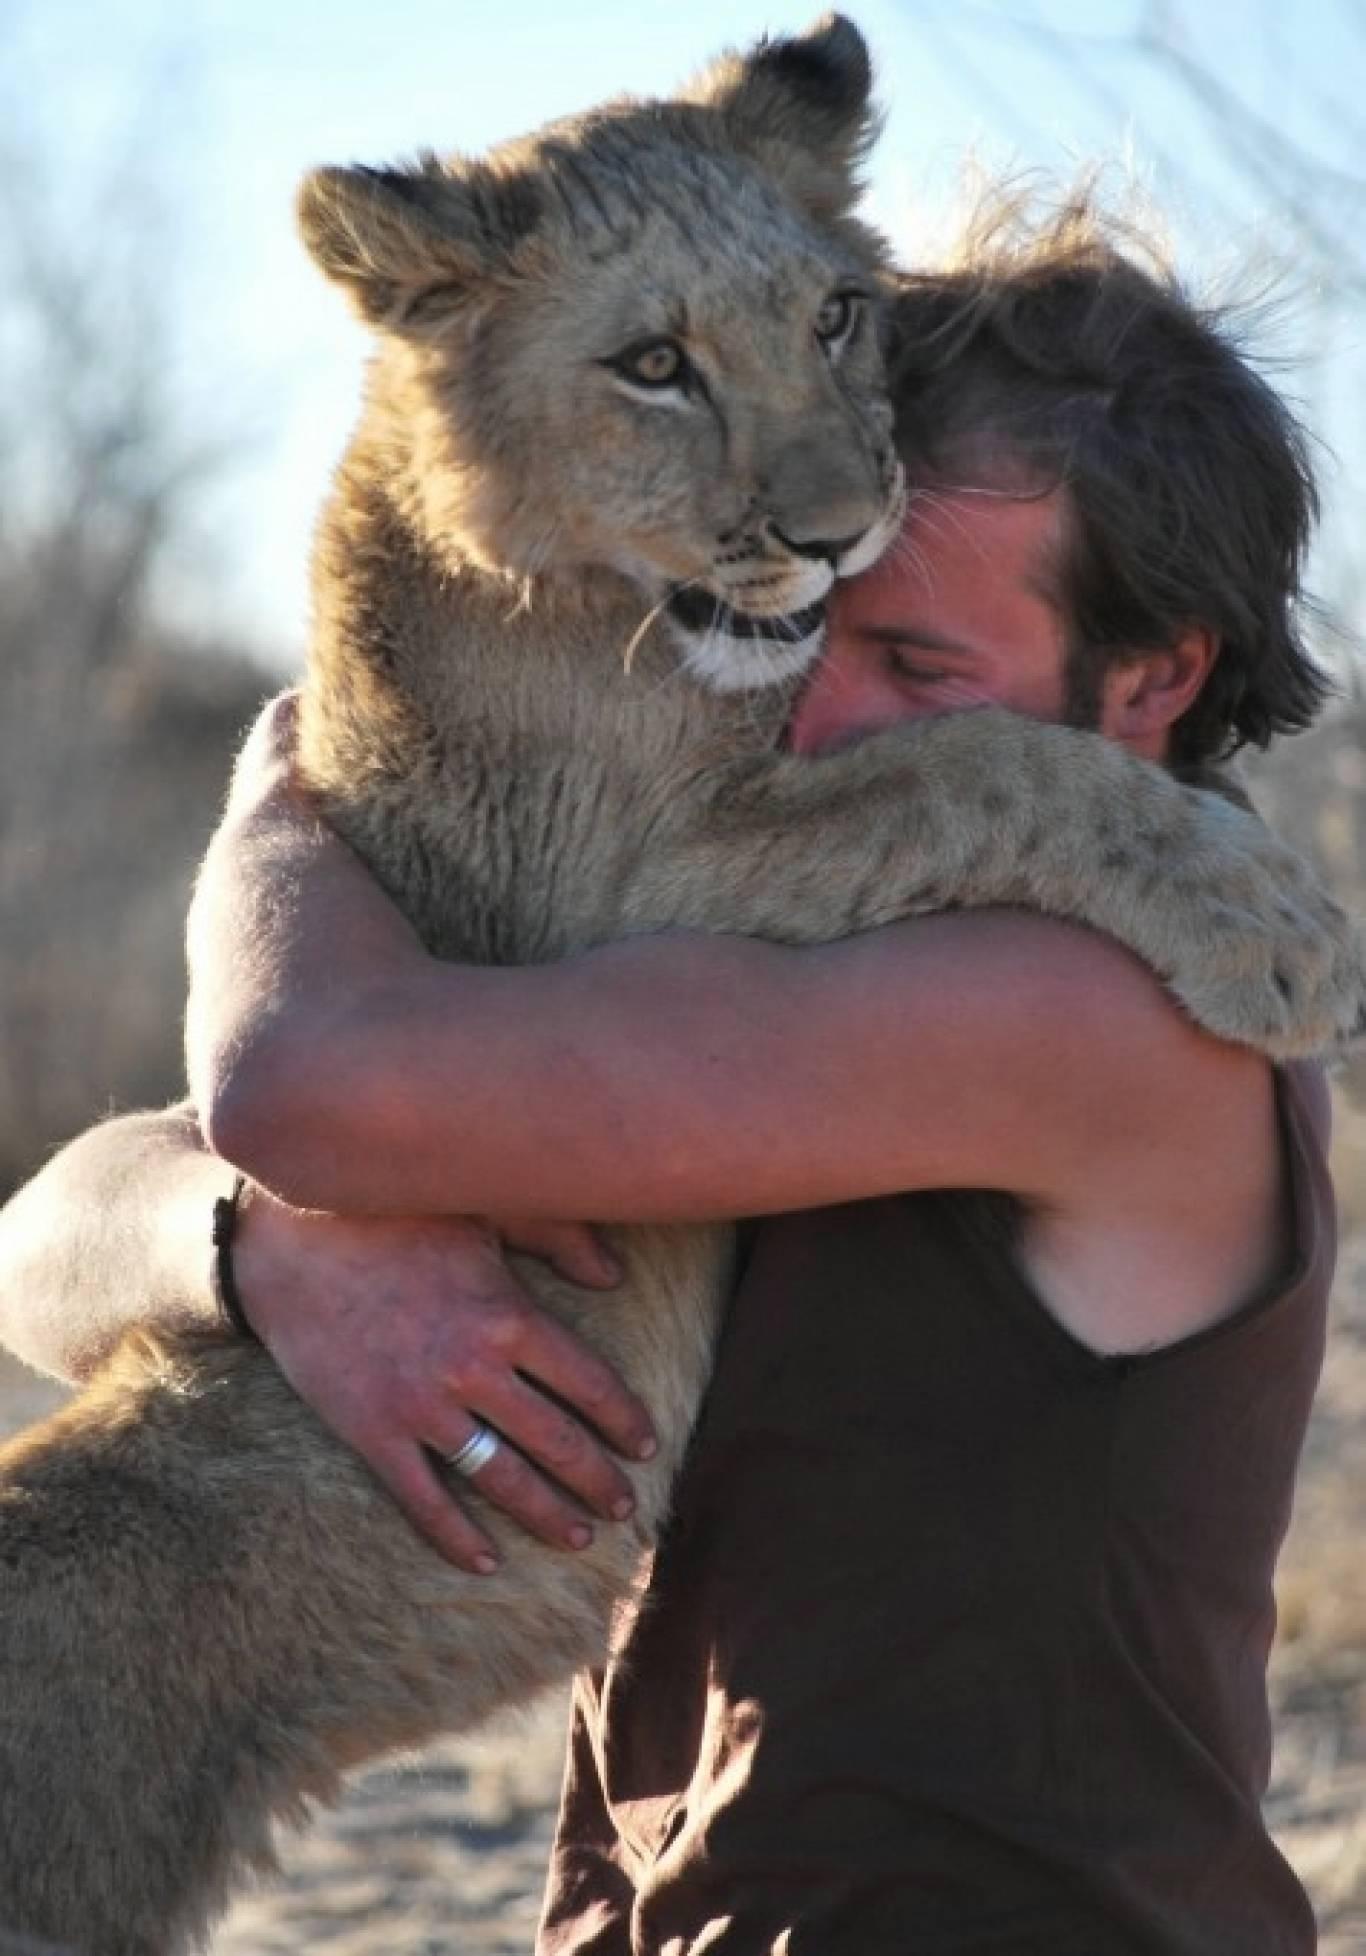 З нагоди Дня святого Валентина Рівненський зоопарк проводить акцію